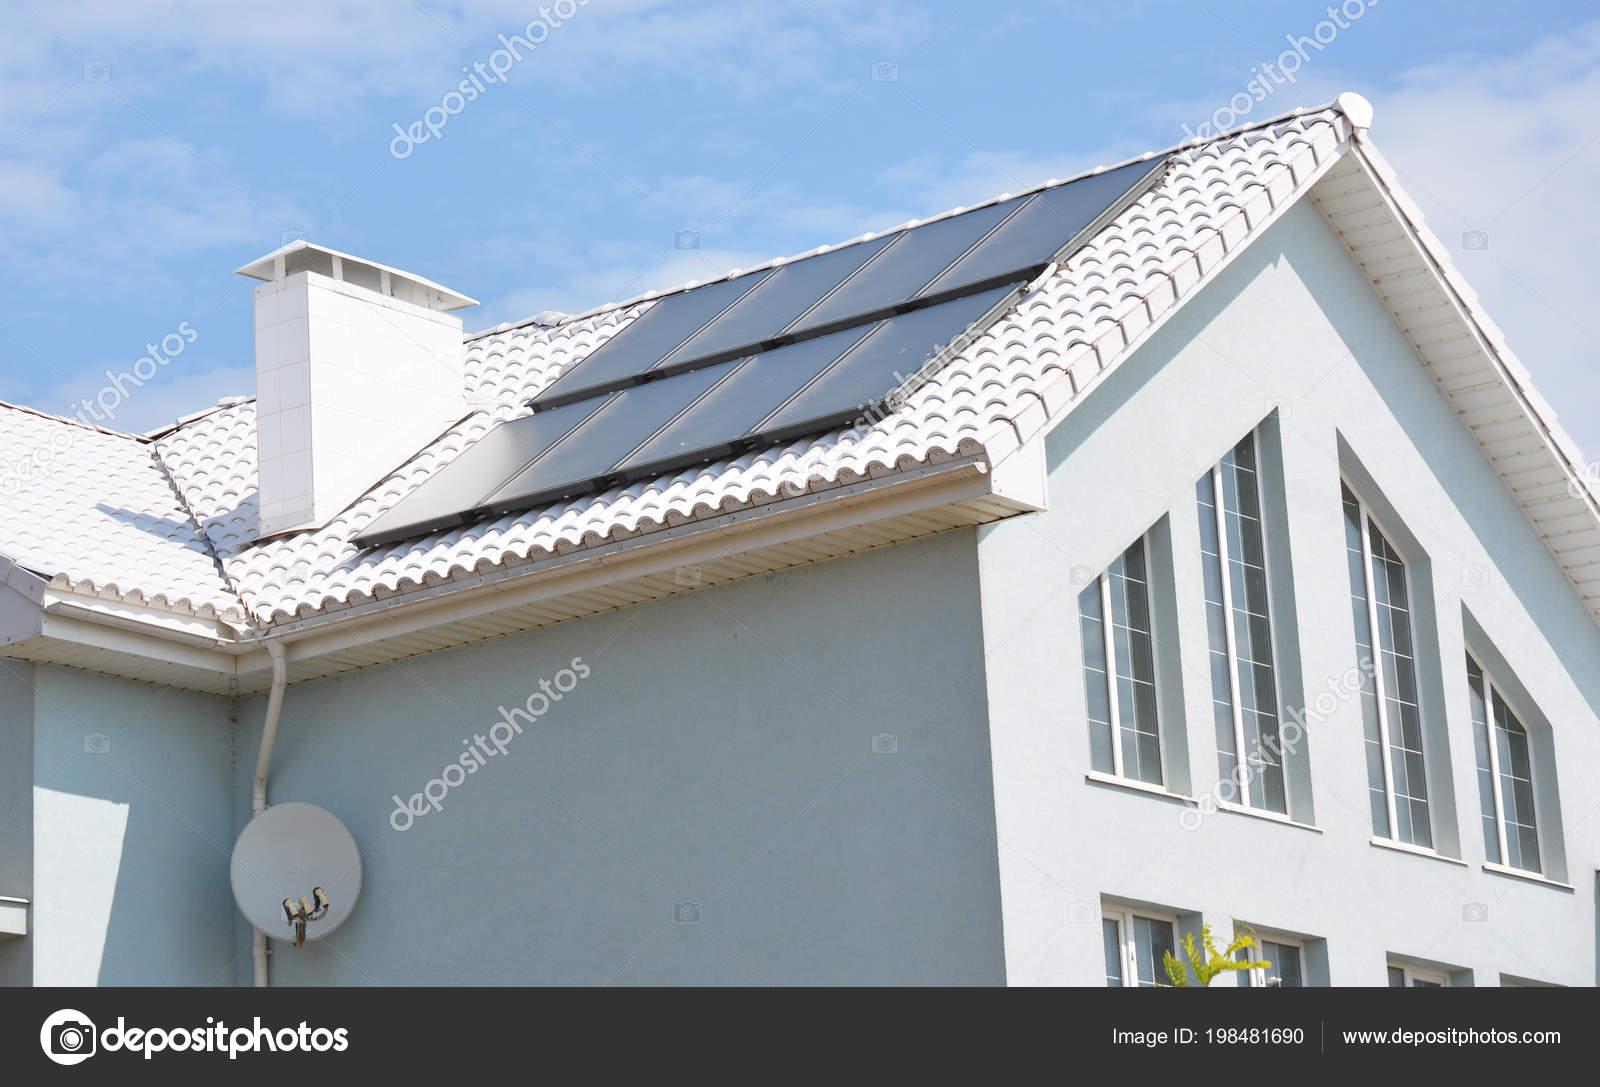 Entzuckend Modernes Haus Mit Energieeffizienz Lösung Konzept Dach Haus Mit  Solarenergie U2014 Stockfoto